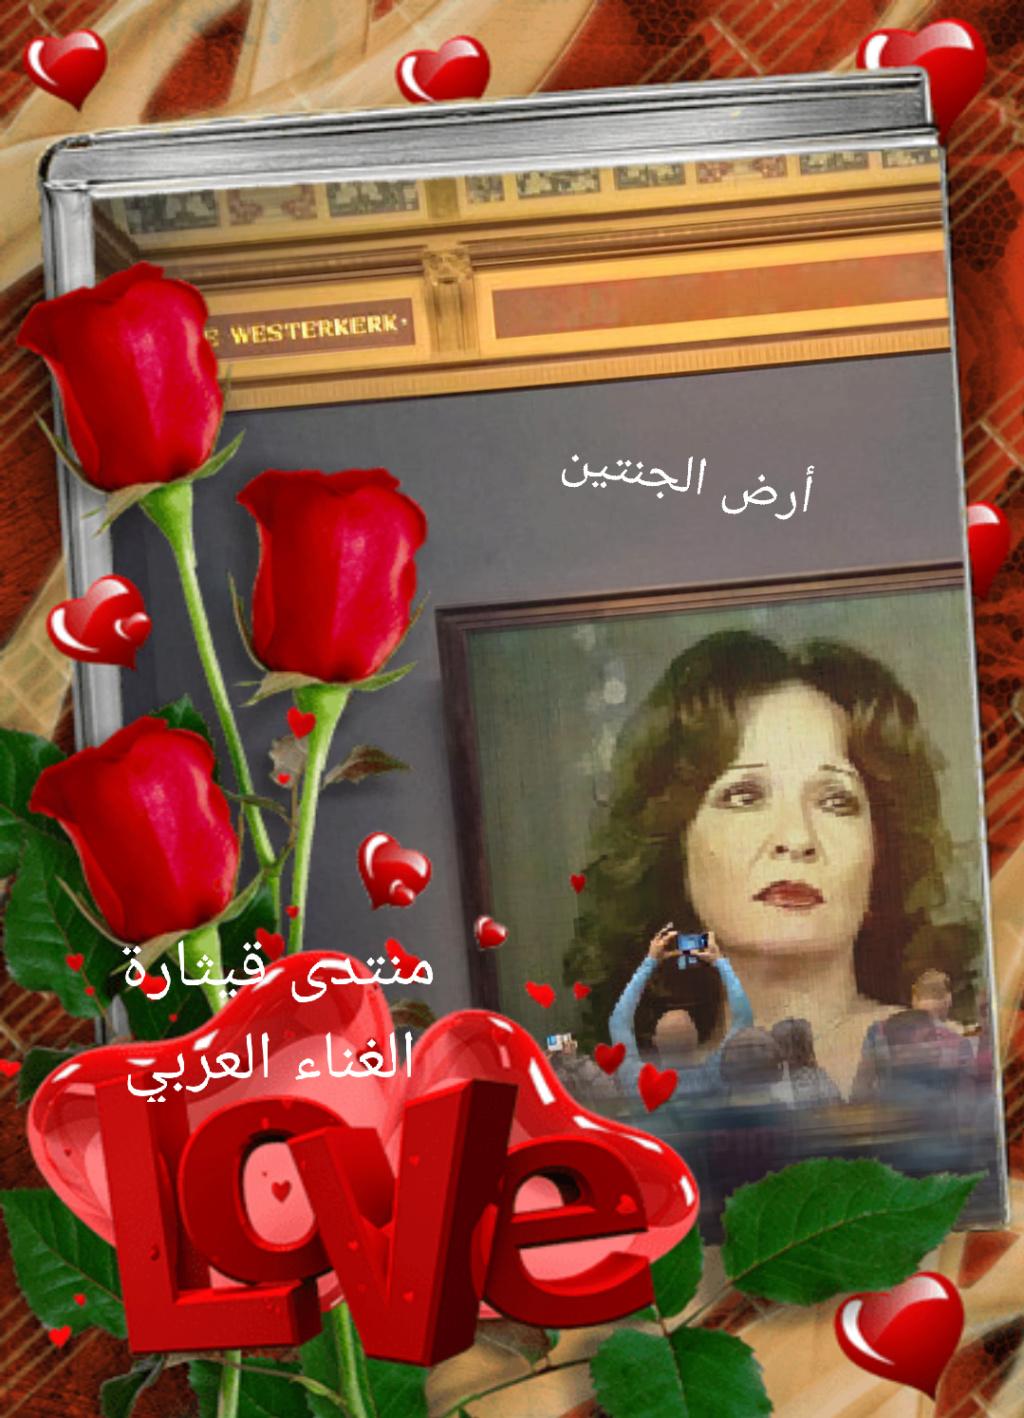 تصميمات أرض الجنتين للحبيبه شاديه    - صفحة 29 Eeeoeo17